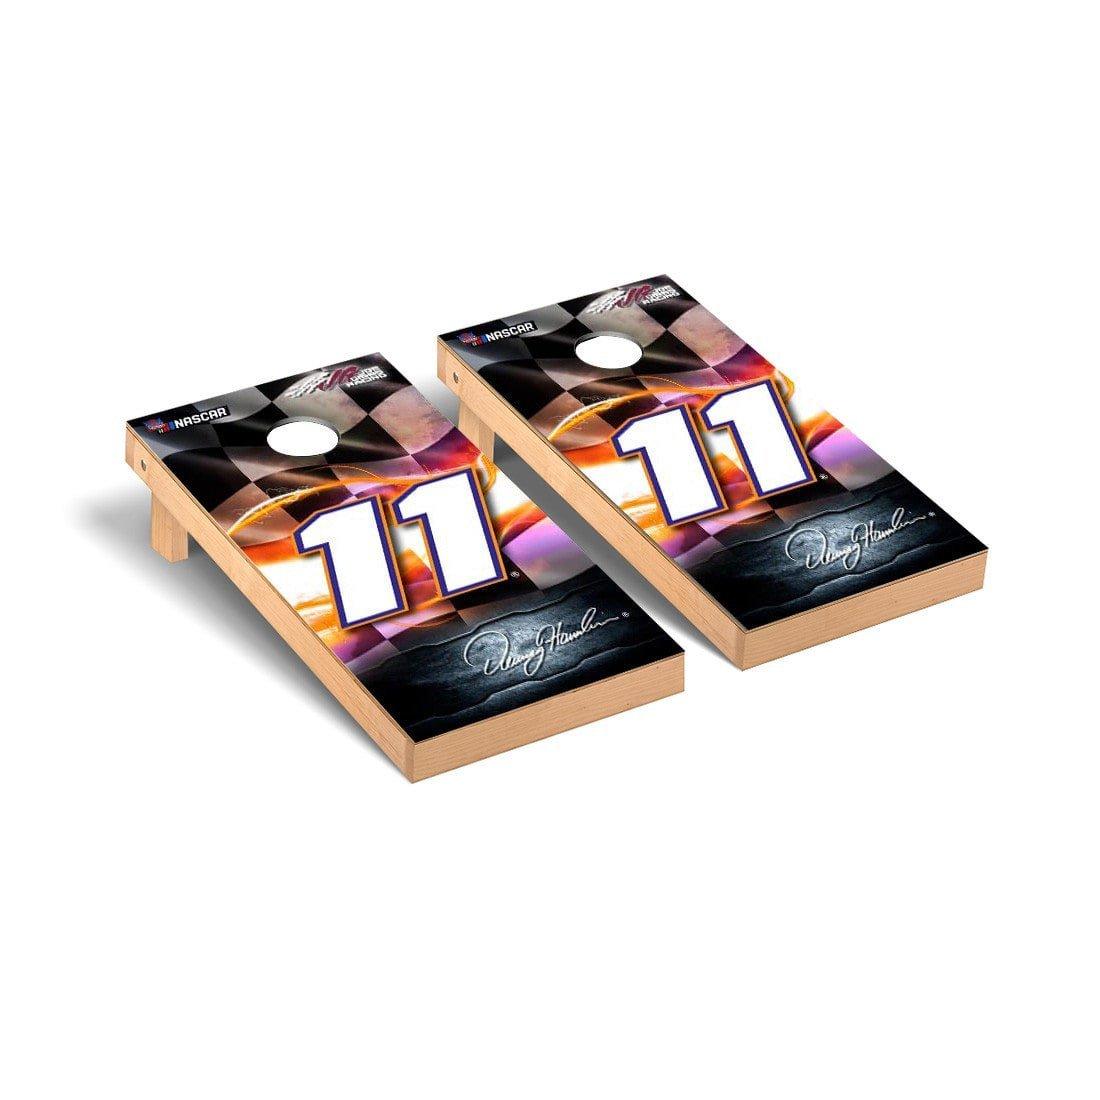 人気の春夏 NASCAR Denny Hamlin # 11デスクトップCornhole Game # Game Set Racing Flagバージョン Set B0752Y39BZ, カラークリエイト:0051c21e --- arianechie.dominiotemporario.com